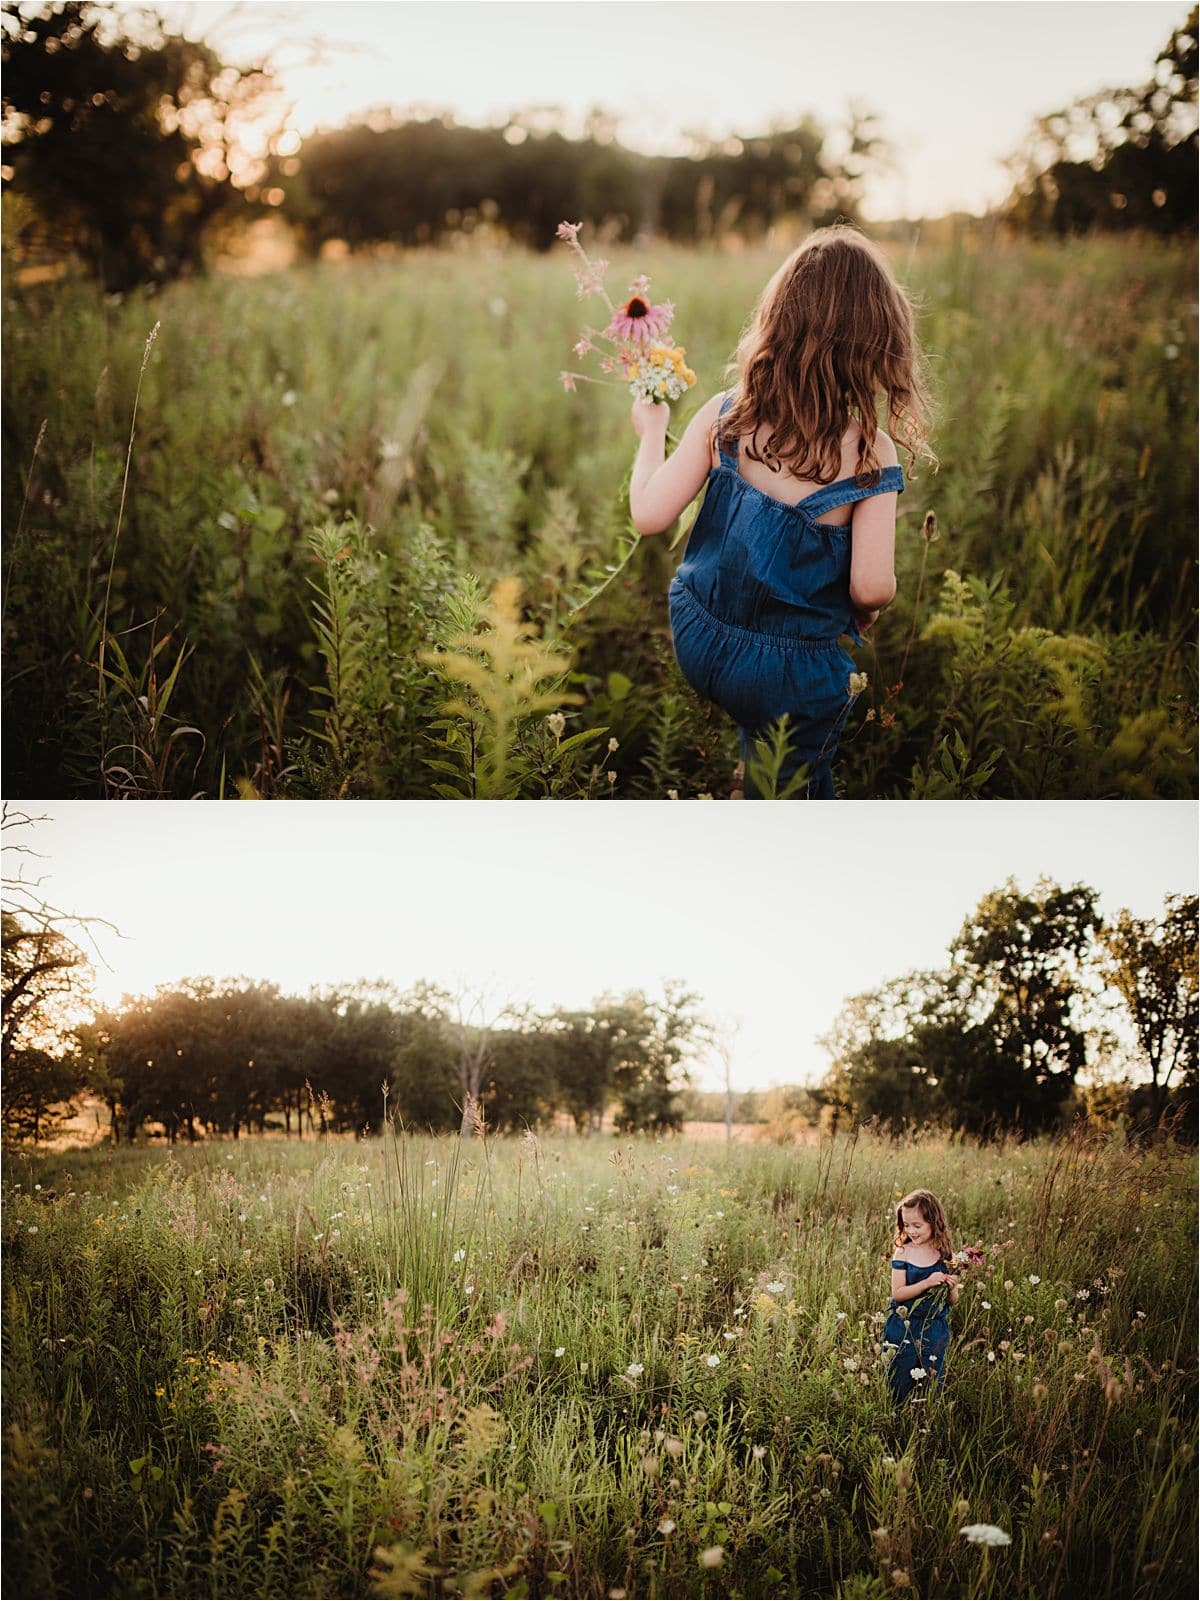 Girl Running Through Flower Field